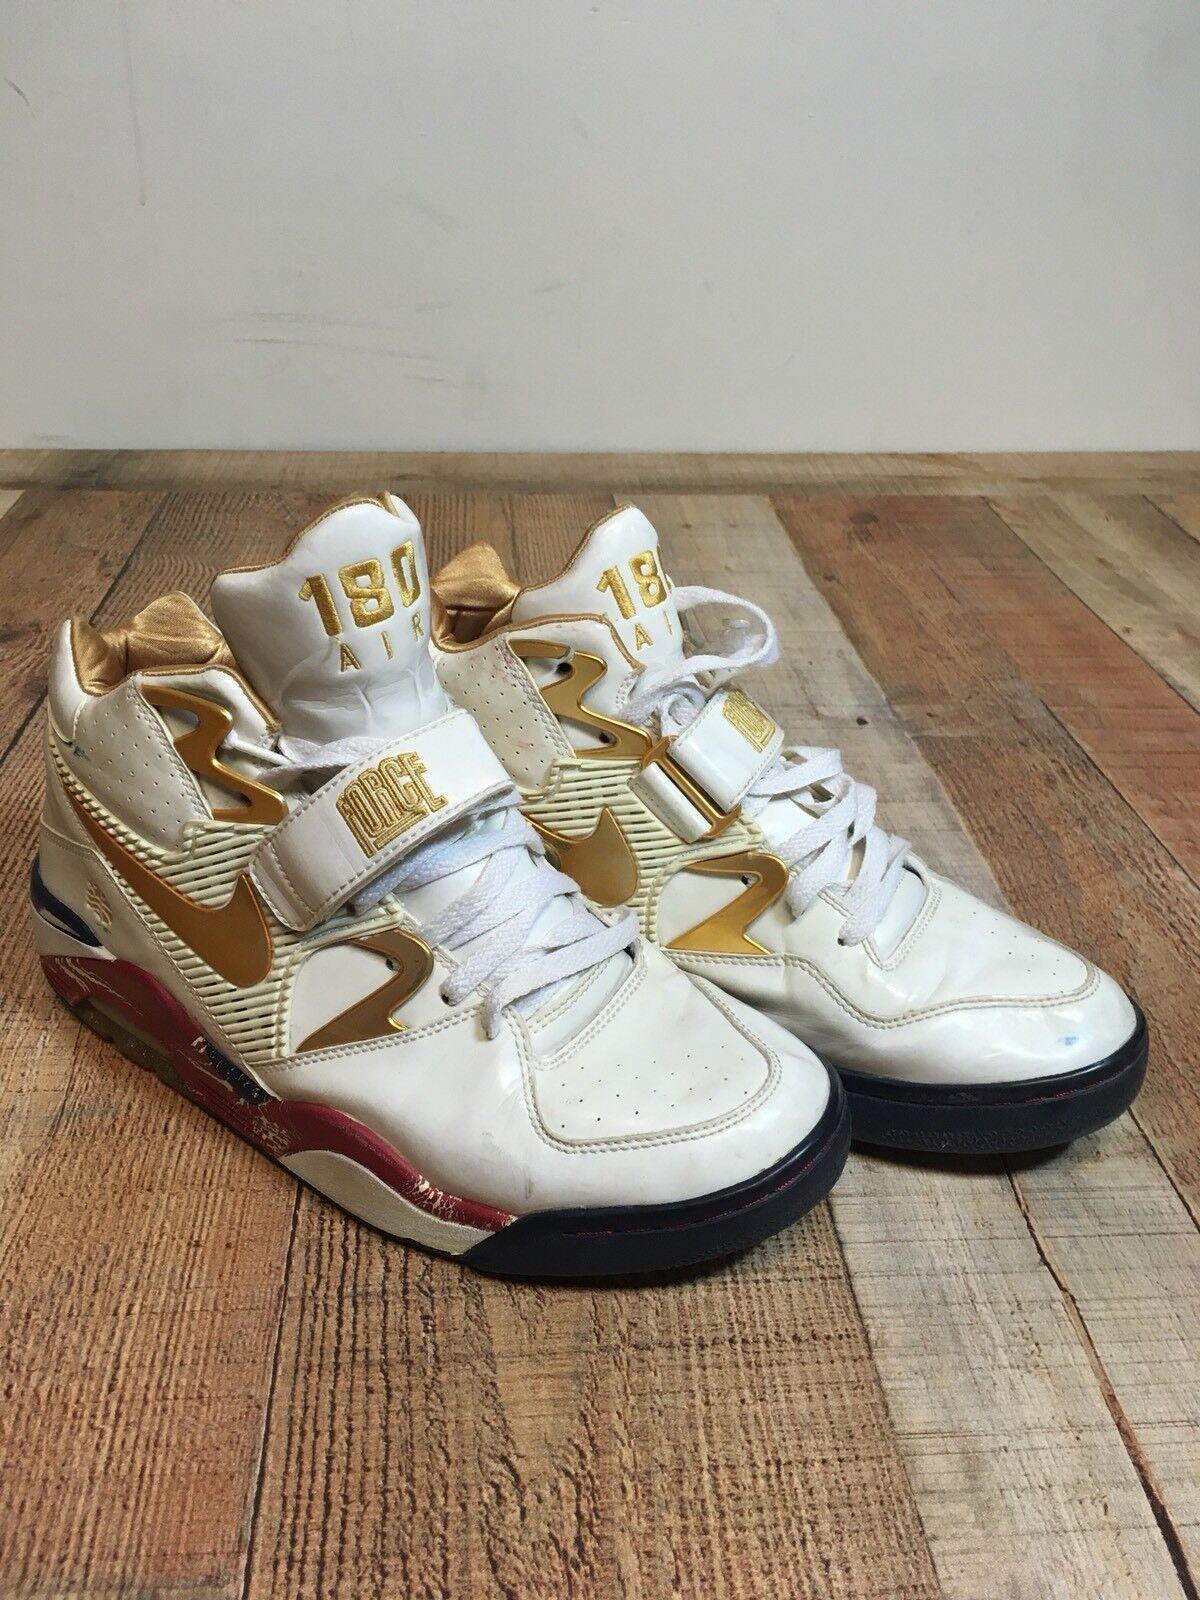 Vintage 2007 Nike Air 180 Premium Barkley's 316274-171 Men's shoes Size 10